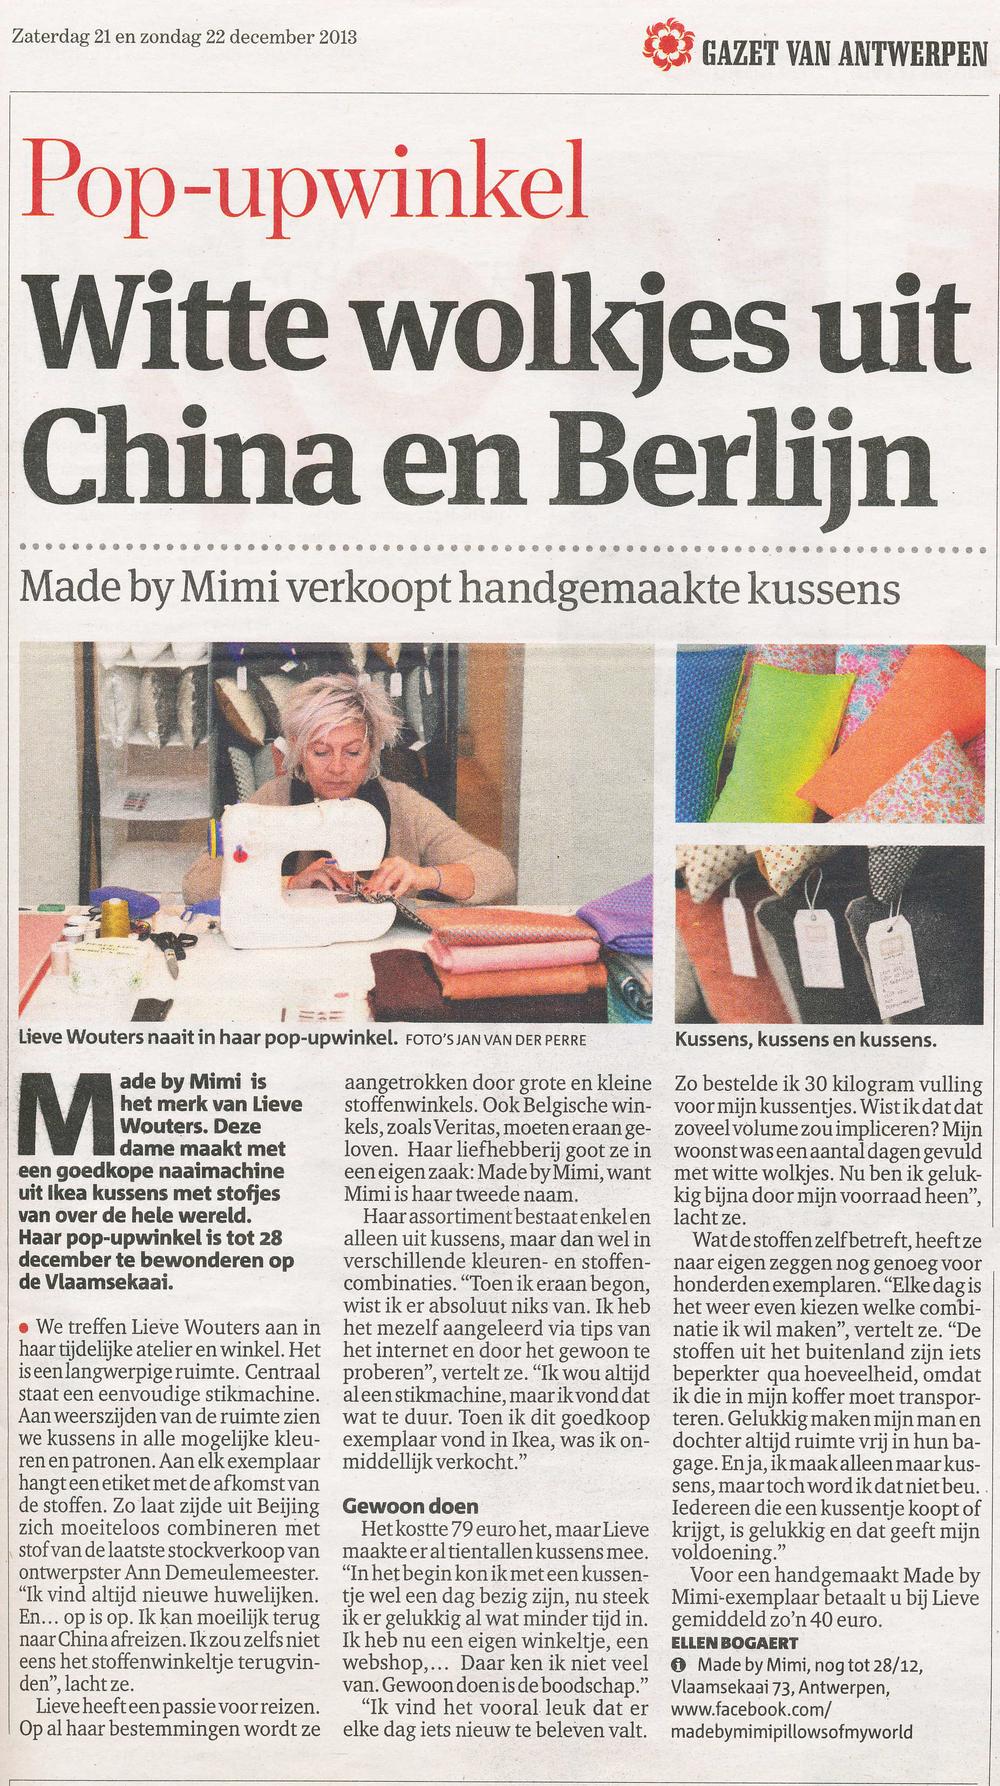 Gazet van Antwerpen - 21 en 22 december 2013